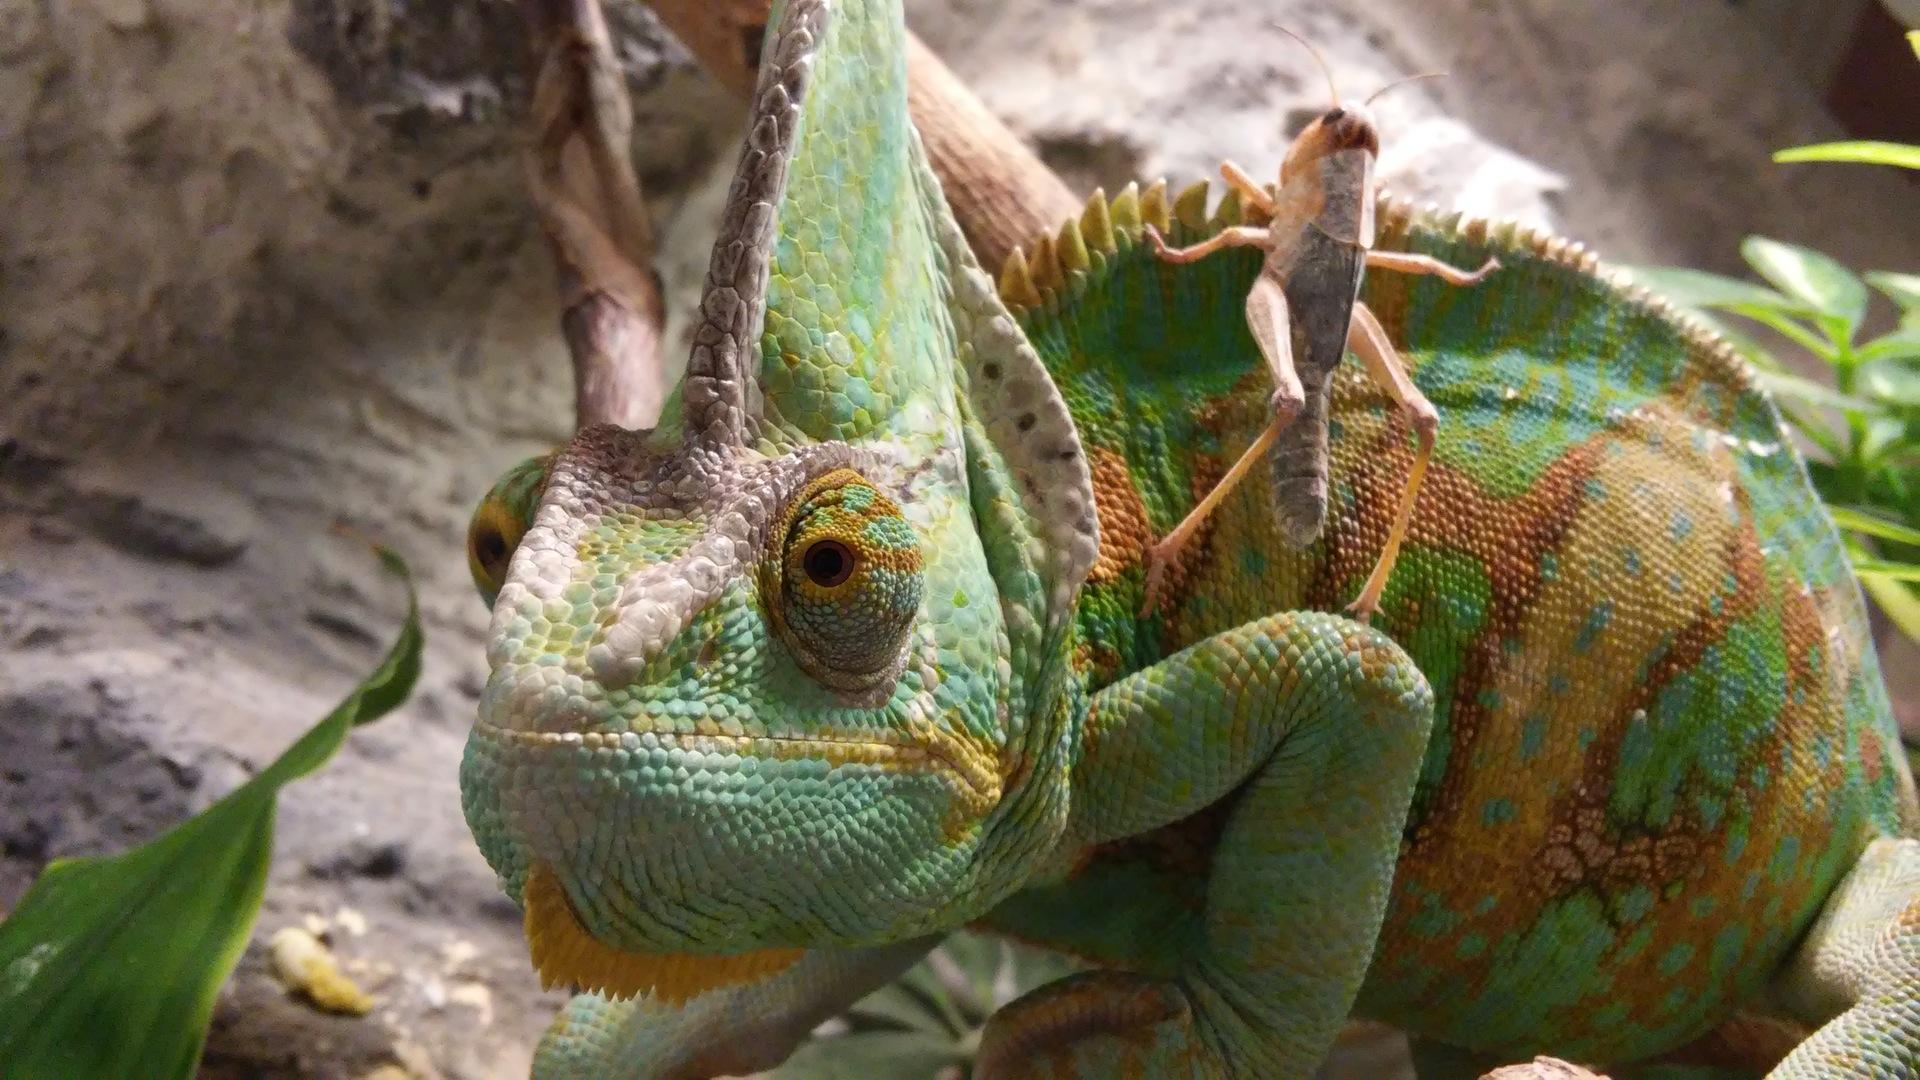 Chameleon, Heuschrecke, Fehler, Reptilien, wildes Leben, Screen Sie Green - HD Wallpaper - Prof.-falken.com